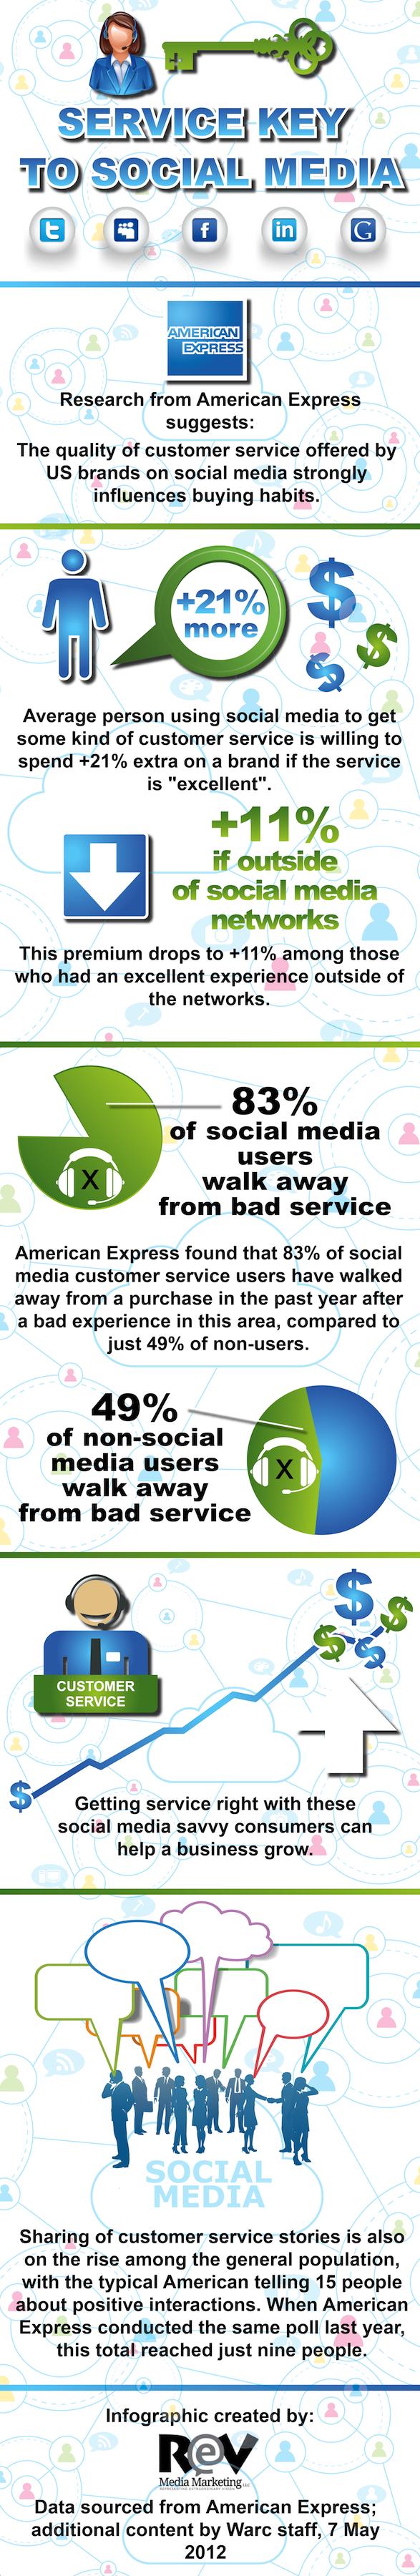 servicios clave para el social media